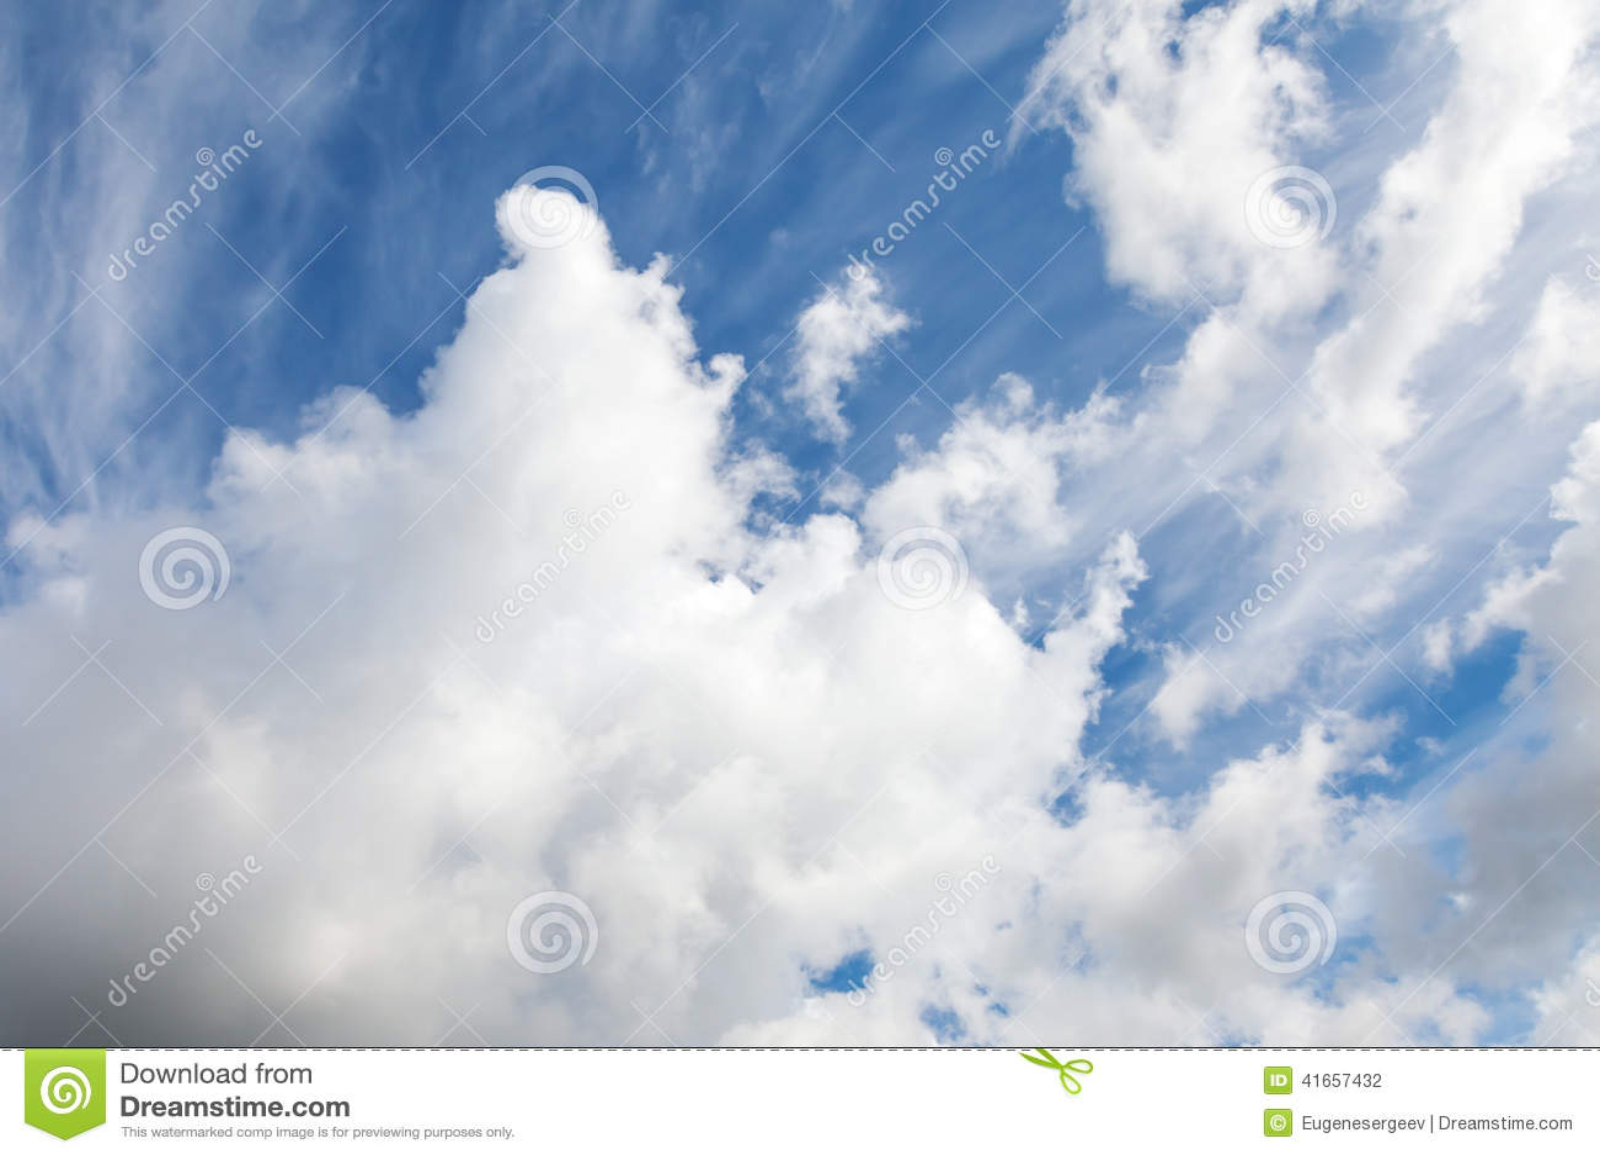 Предпосылка фото неба с белыми облаками